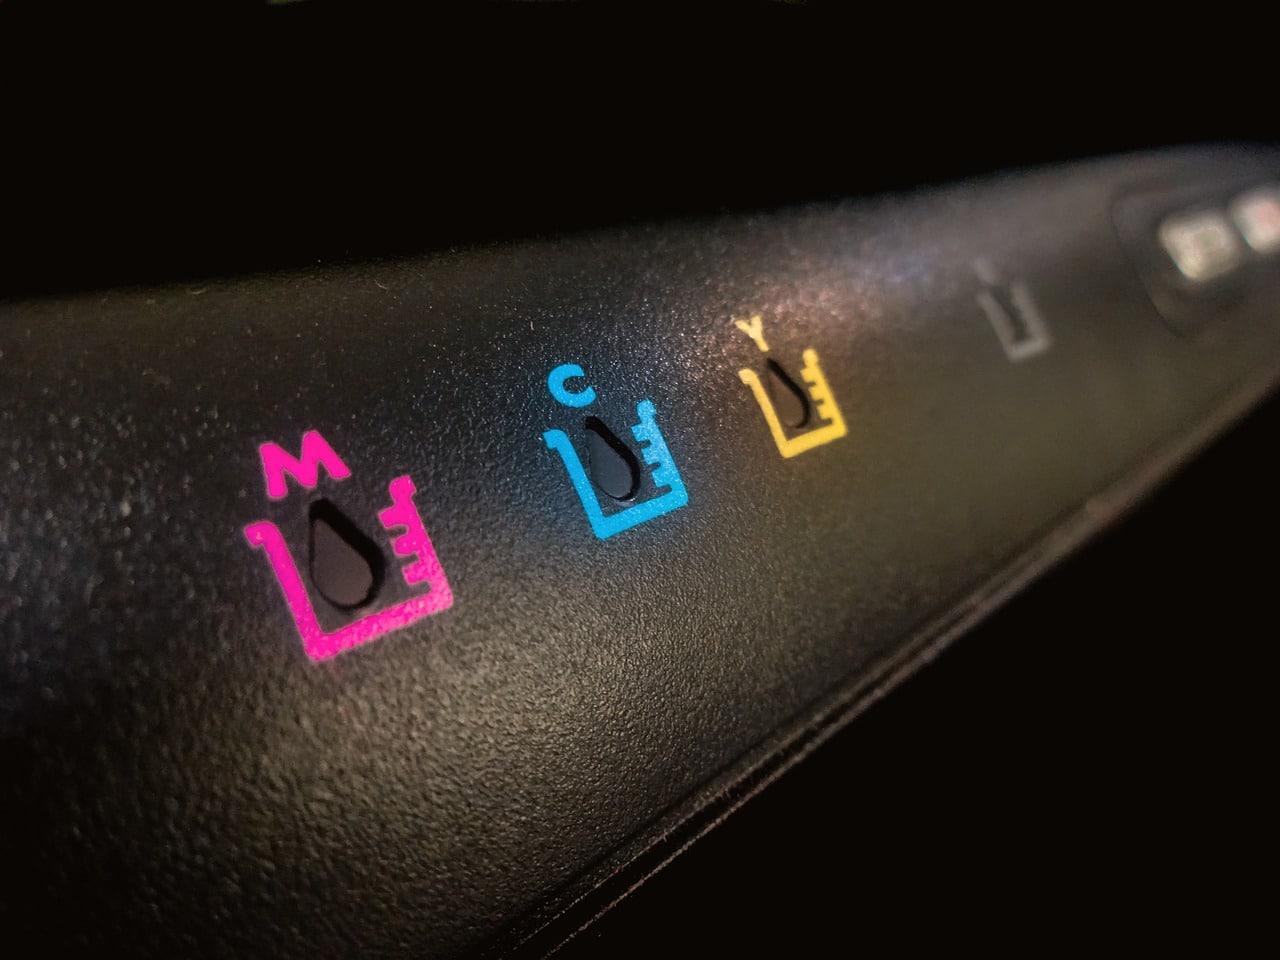 Printer Ink - Tarporley,Cheshire